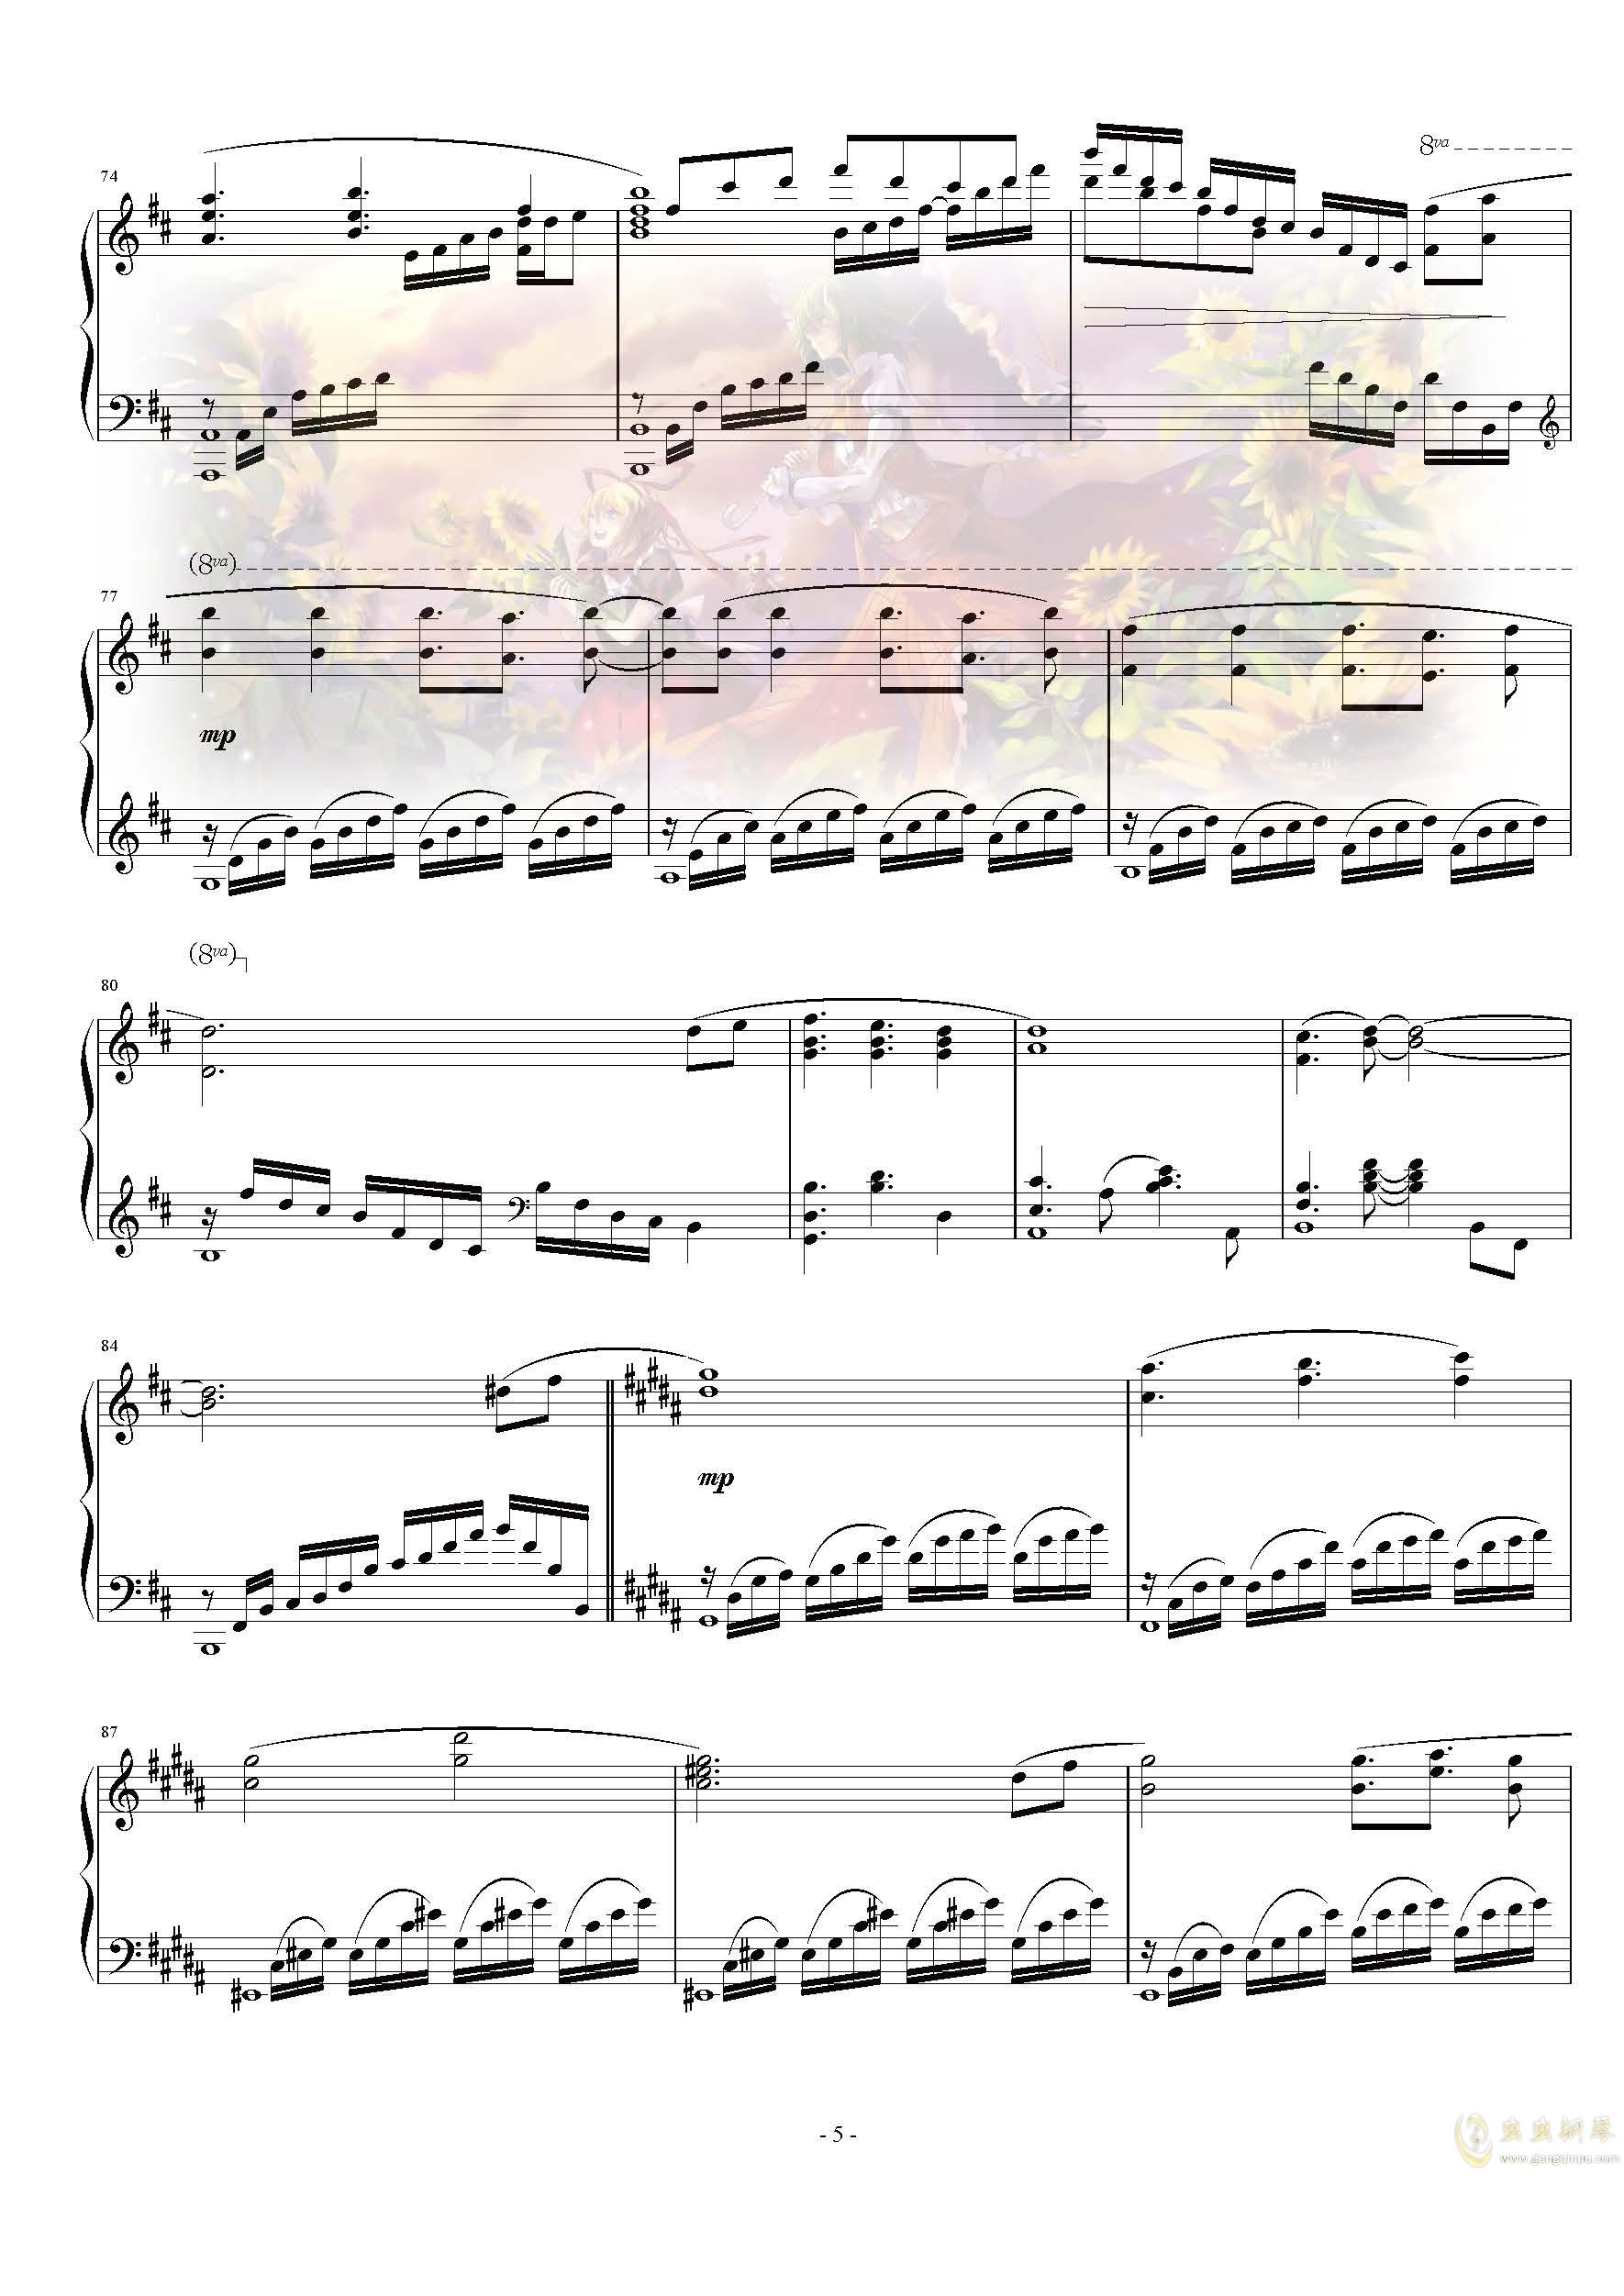 华鸟风月钢琴谱 第6页